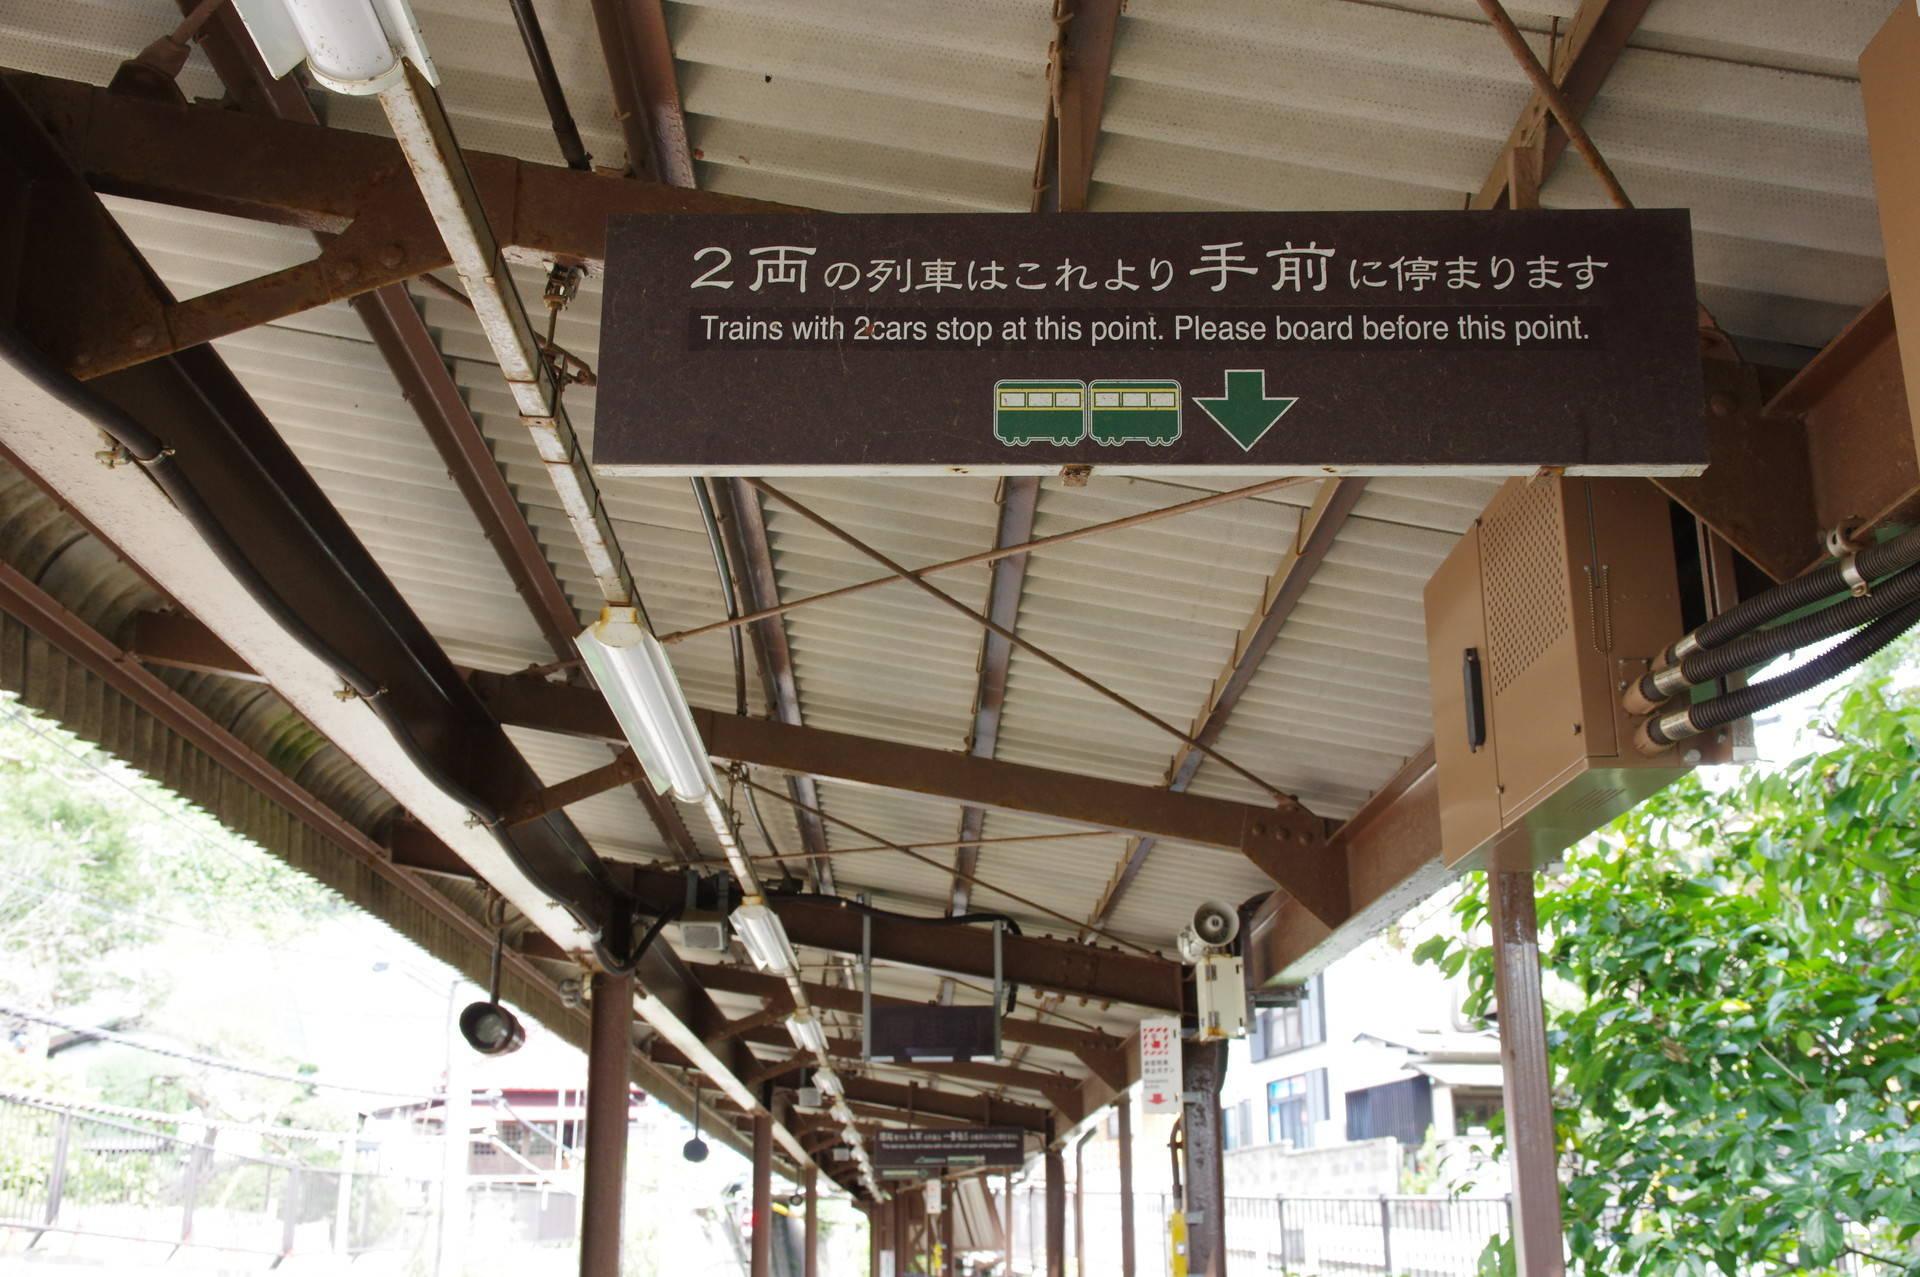 「2両の列車はこれより手前に停まります」の看板